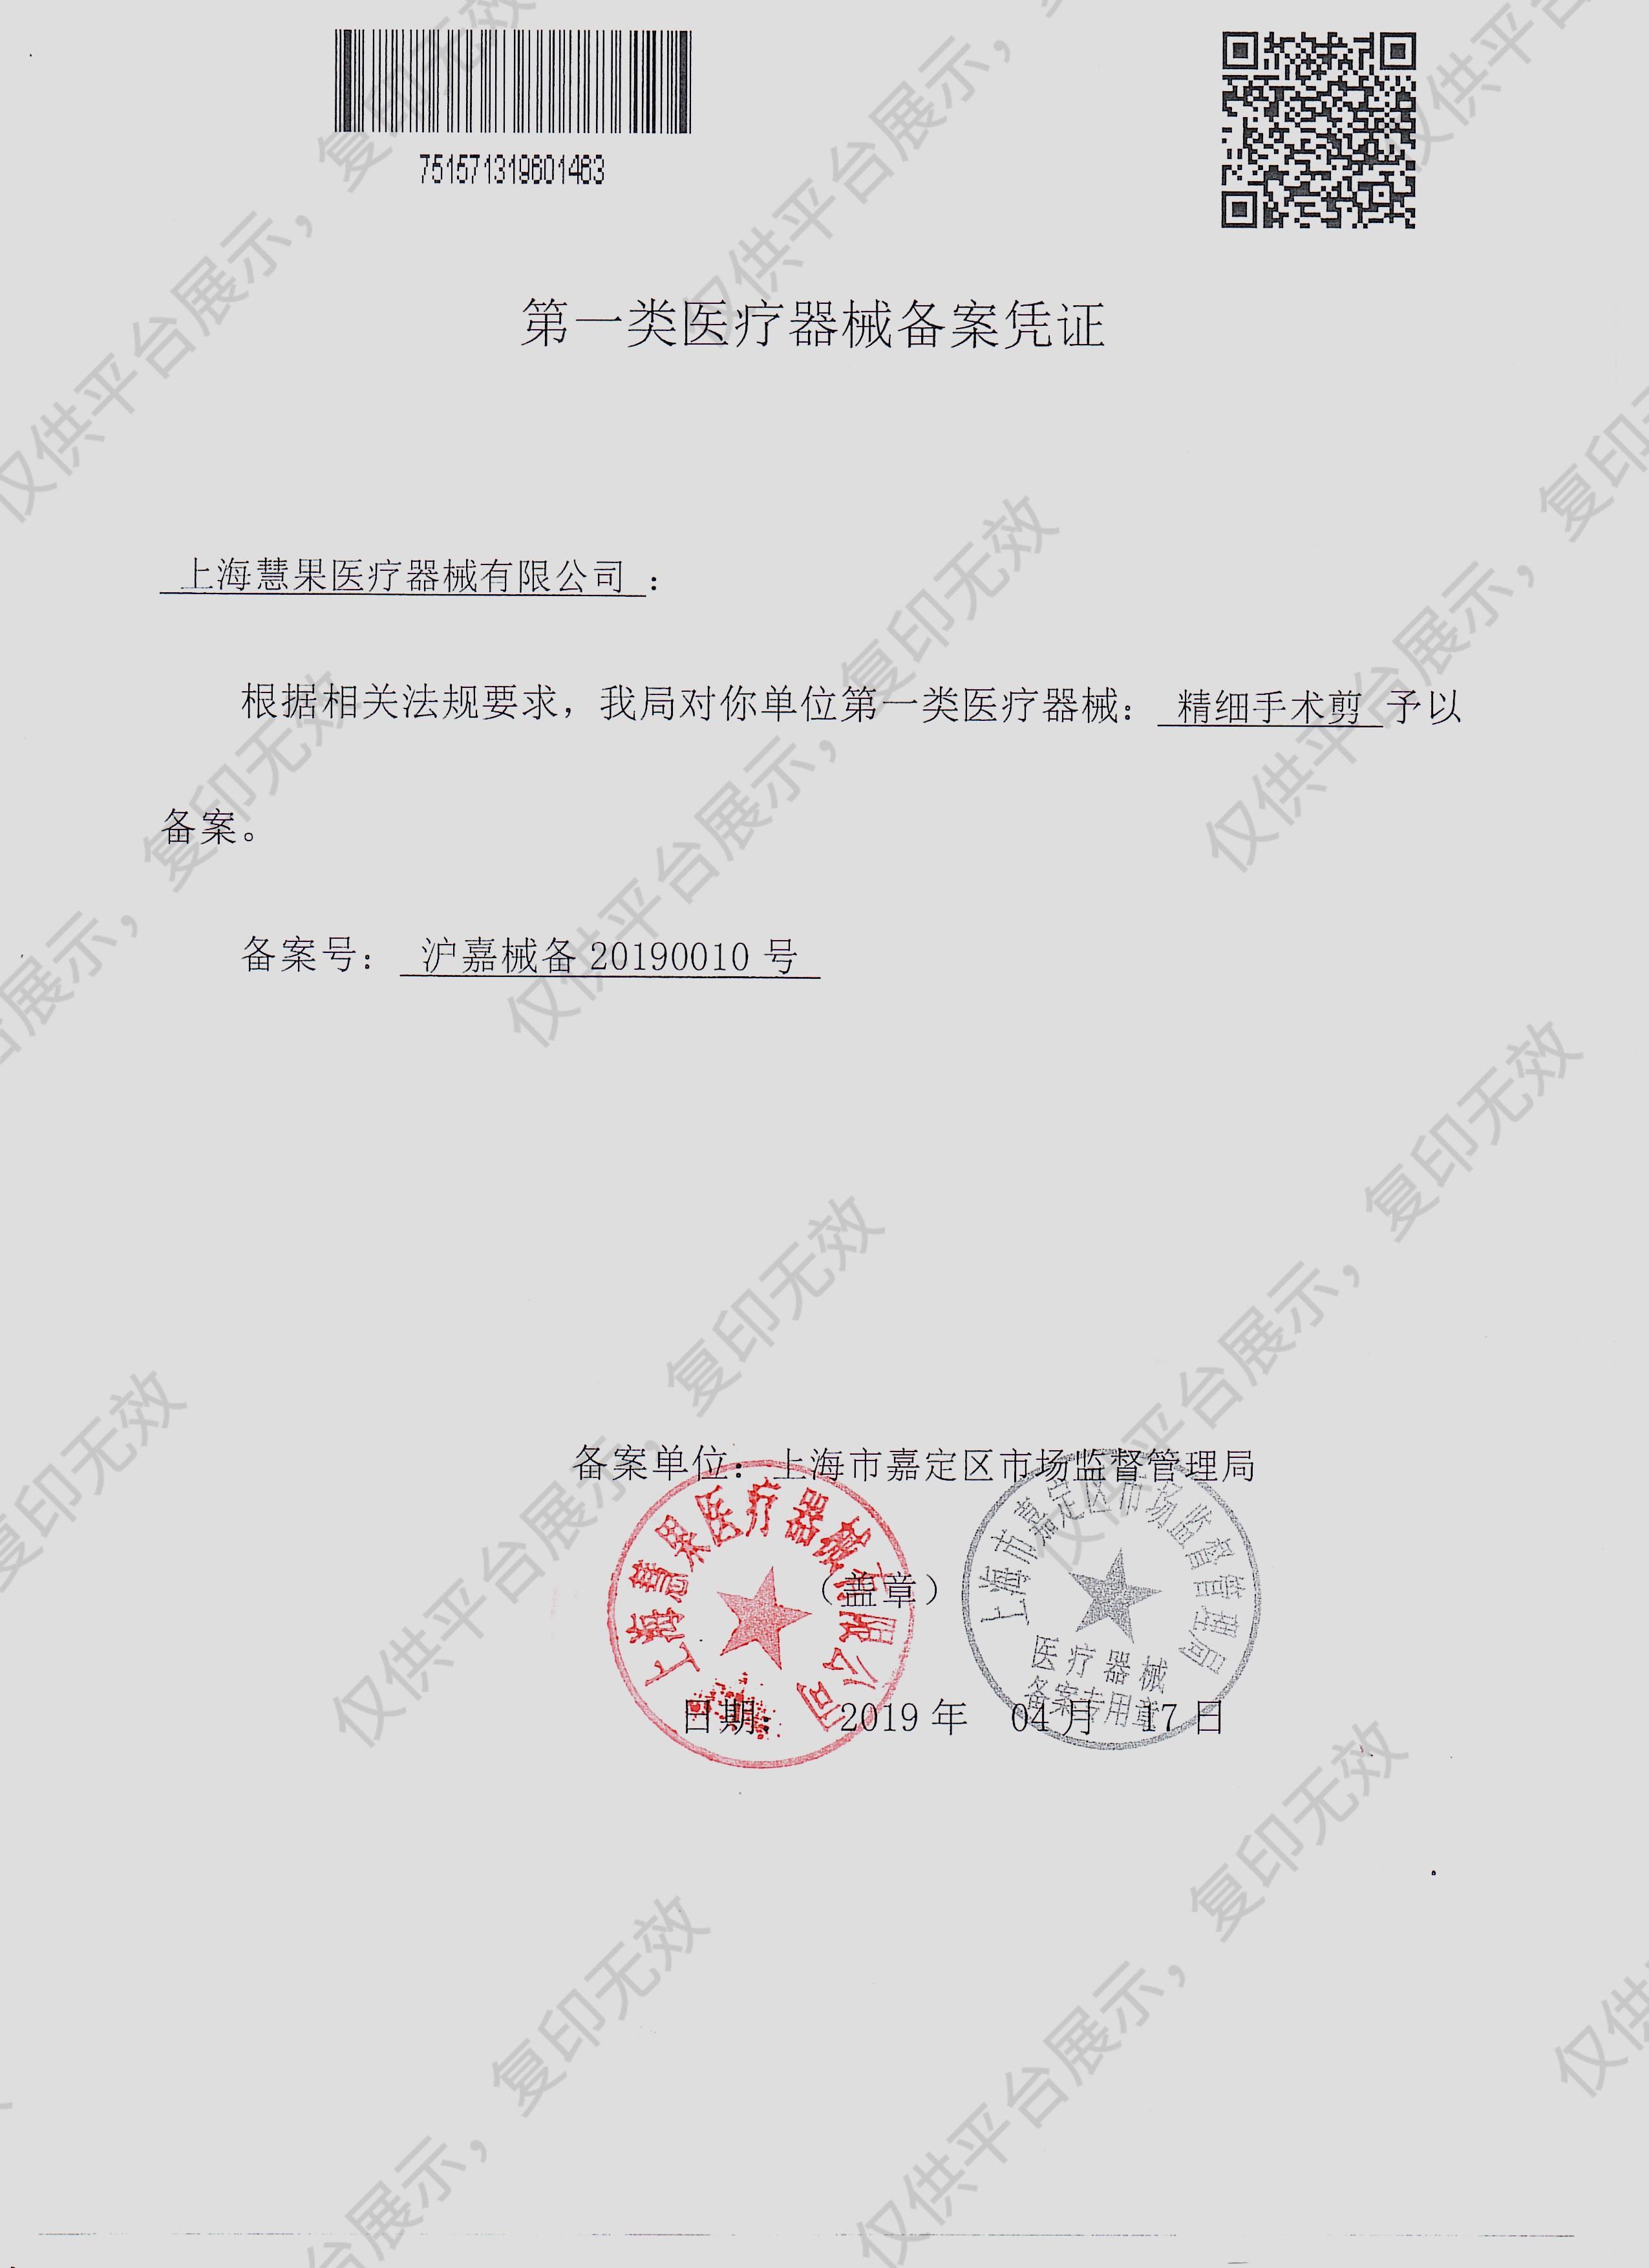 秀美 手术剪 JD-049(10cm 眼部剥离弯扭柄)注册证